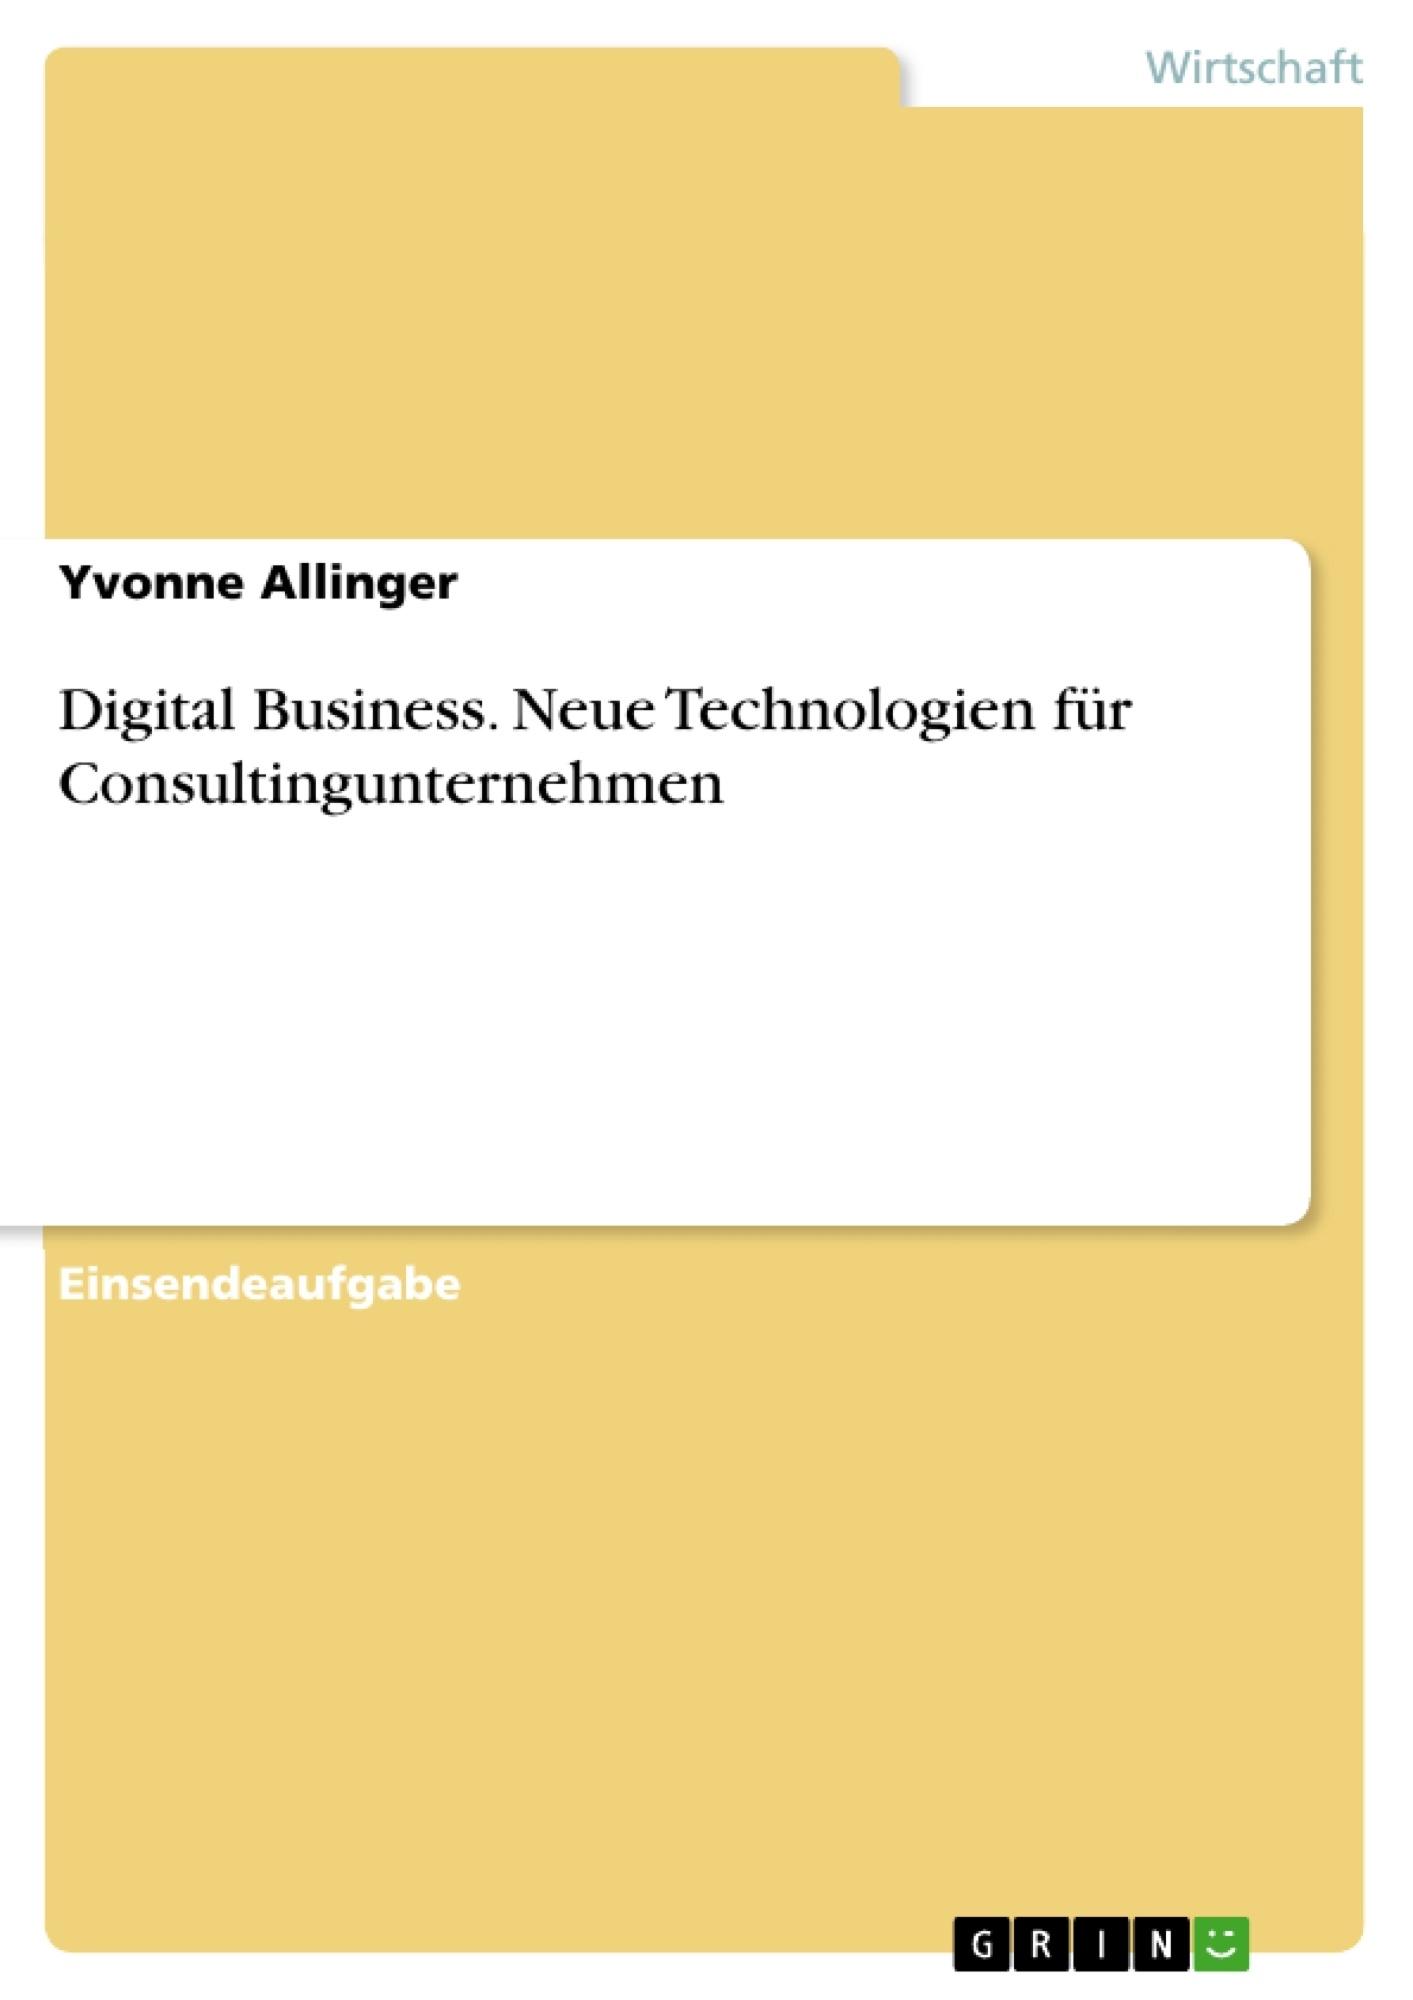 Titel: Digital Business. Neue Technologien für Consultingunternehmen